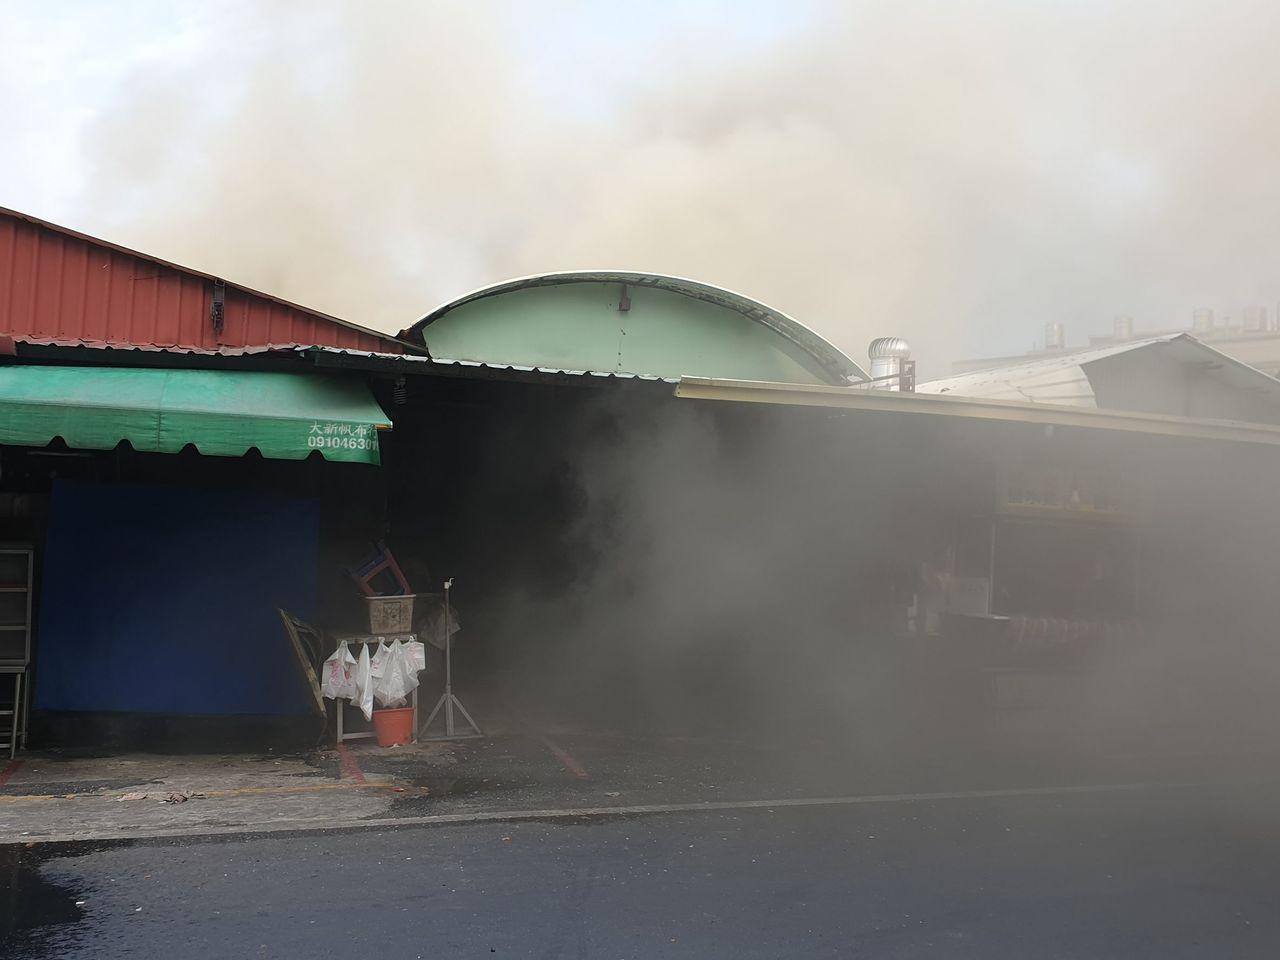 南投縣草屯大觀市場火警,濃煙不斷竄出且持續悶燒,整個市場煙霧瀰漫,連呼吸都有困難...